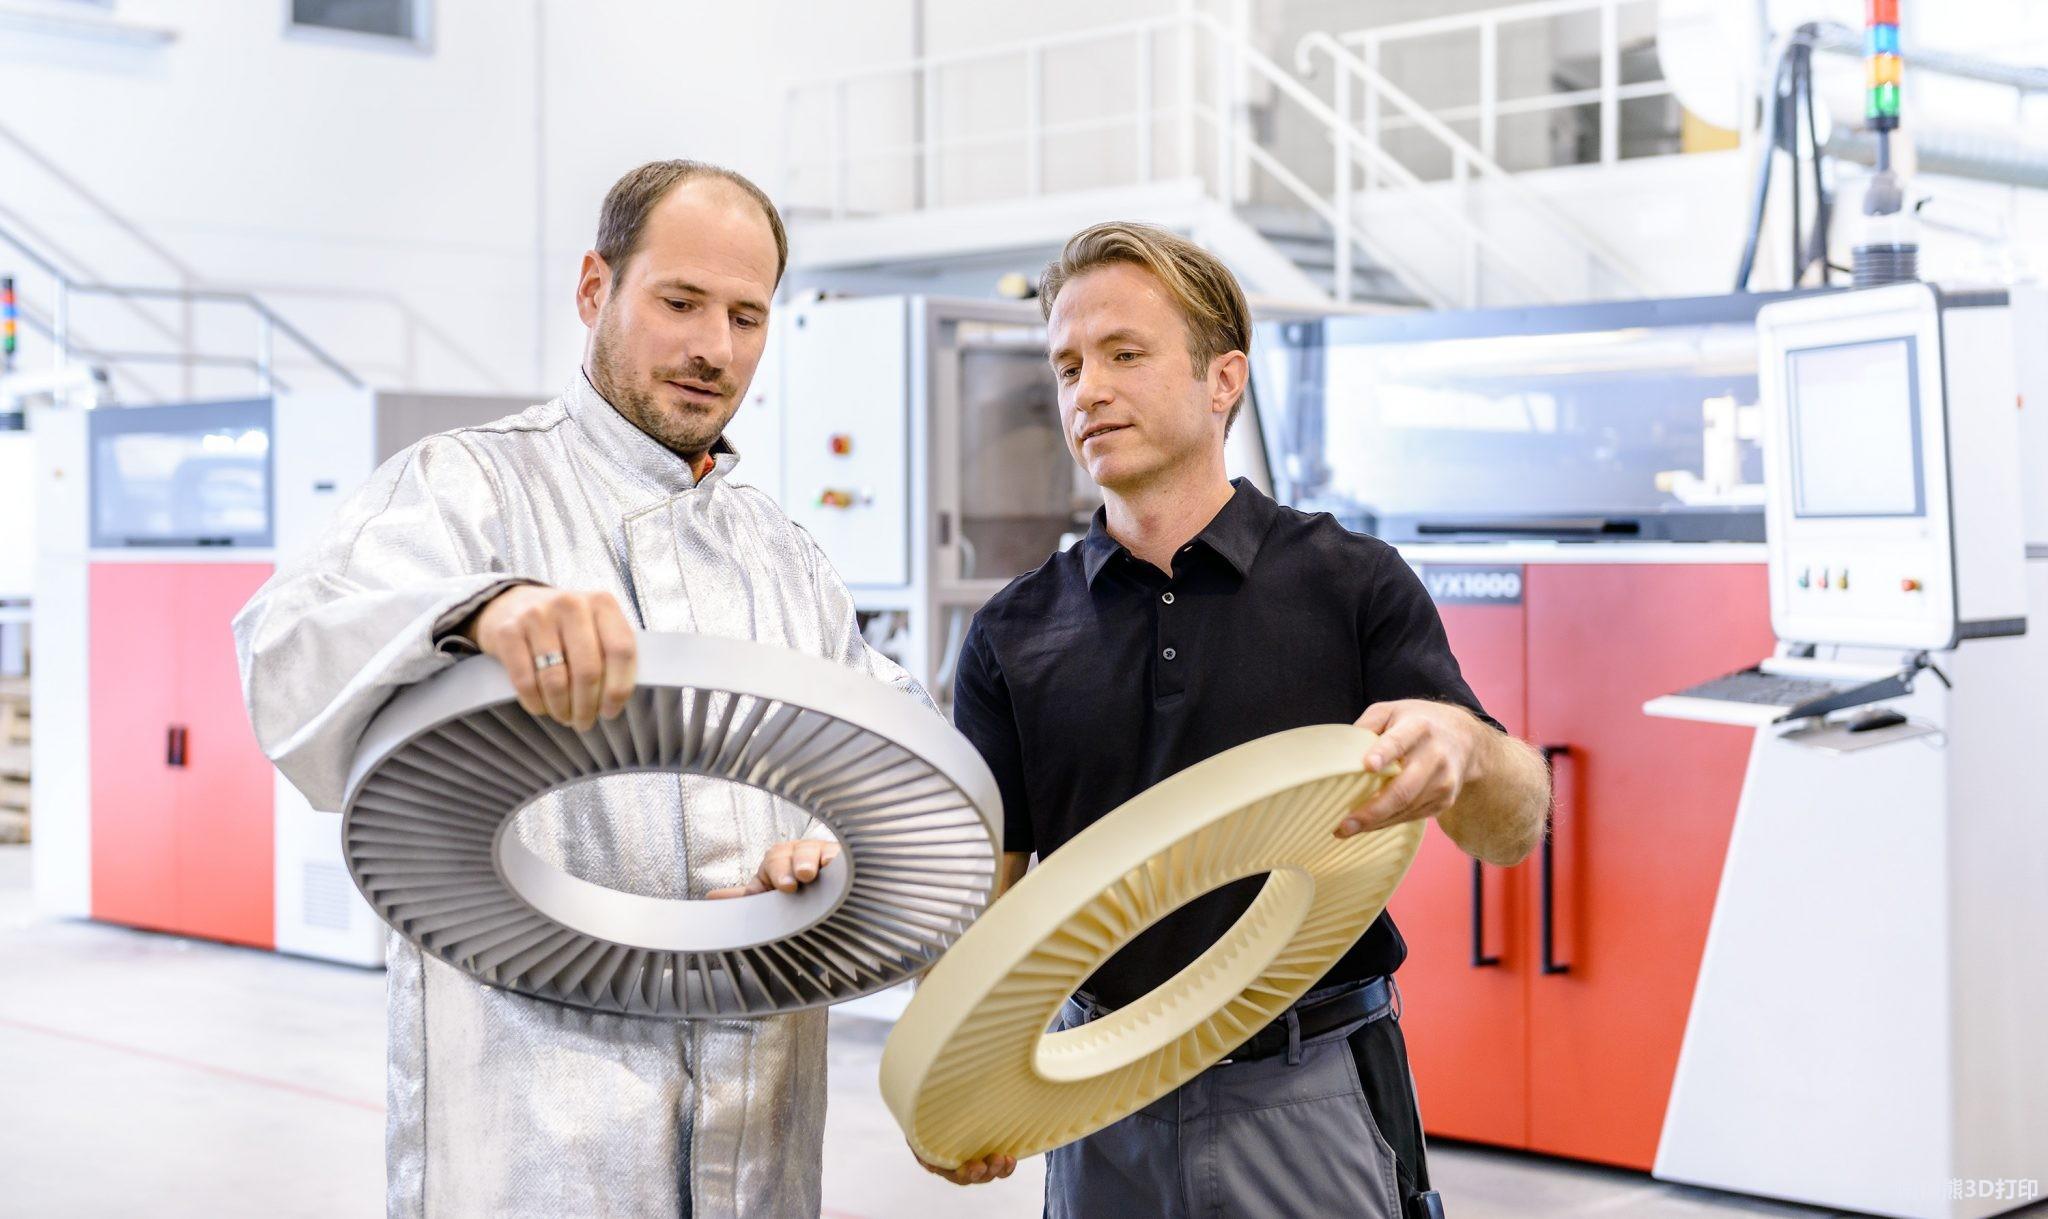 砂型3D打印龙头Voxeljet发布2019年一季度财报,收入556.5万欧元增长10.2%